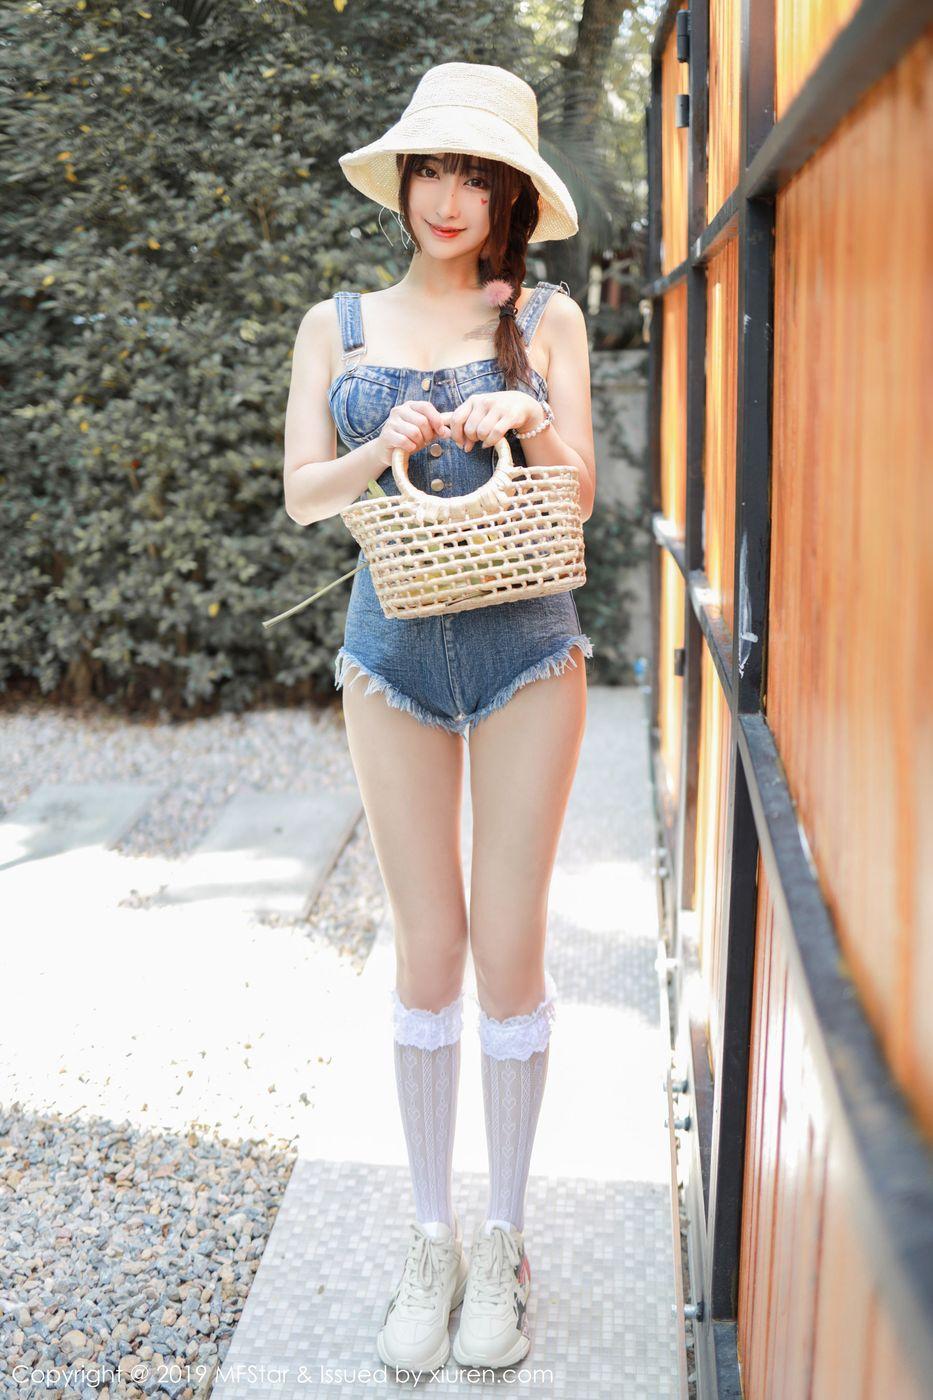 Vol.369 长筒袜嫩模性感美女美胸连体衣美女模特模范学院-林子欣完整私房照合集